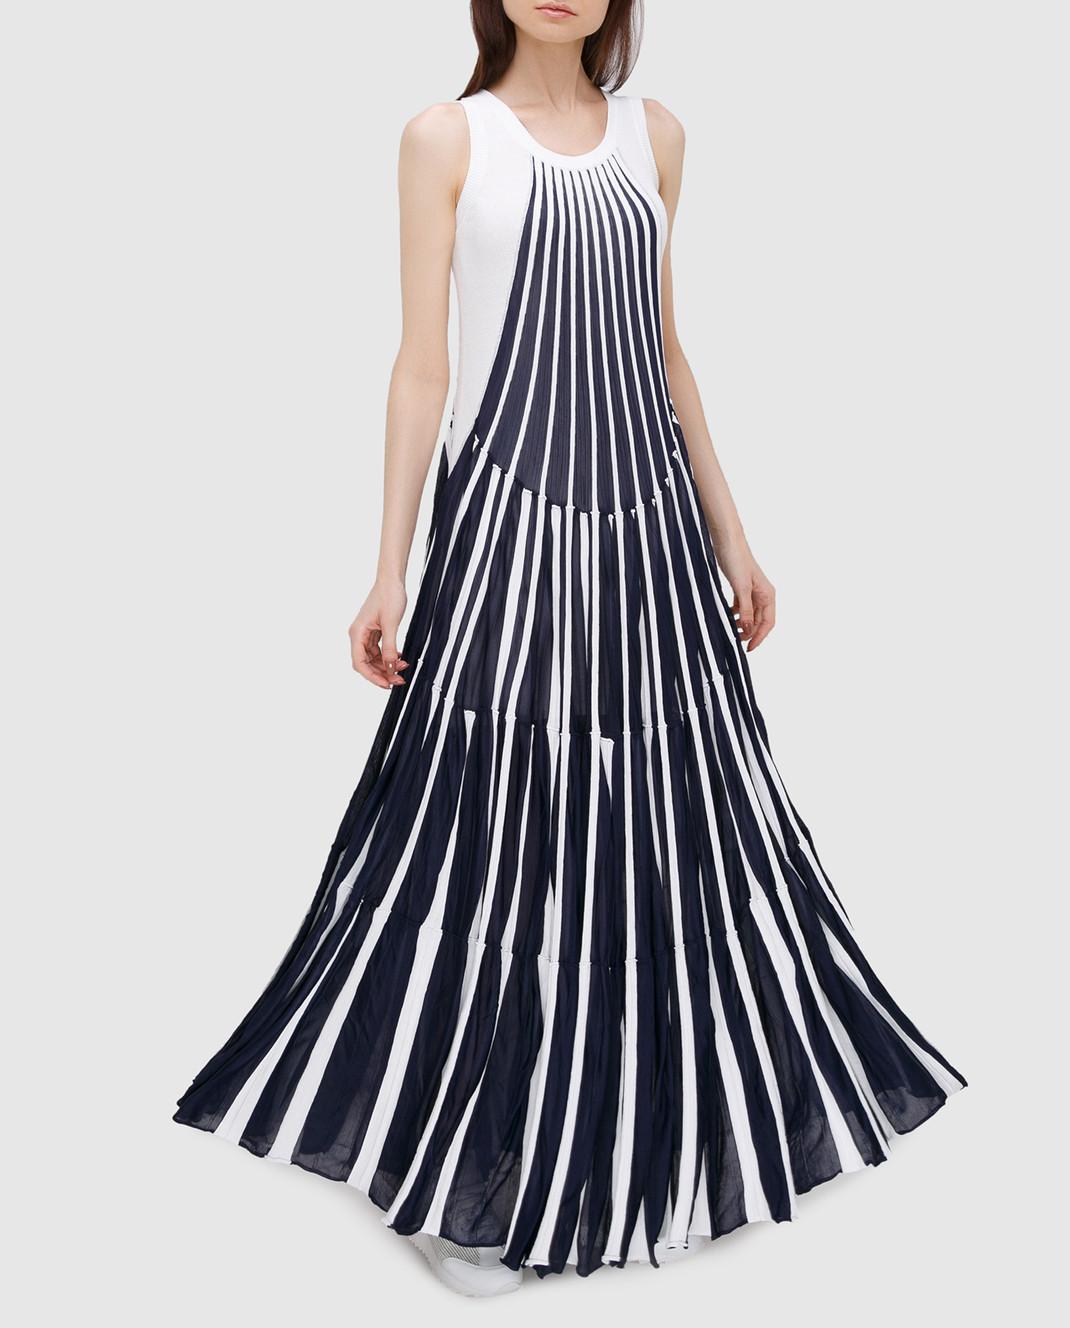 Chloe Синее платье изображение 2